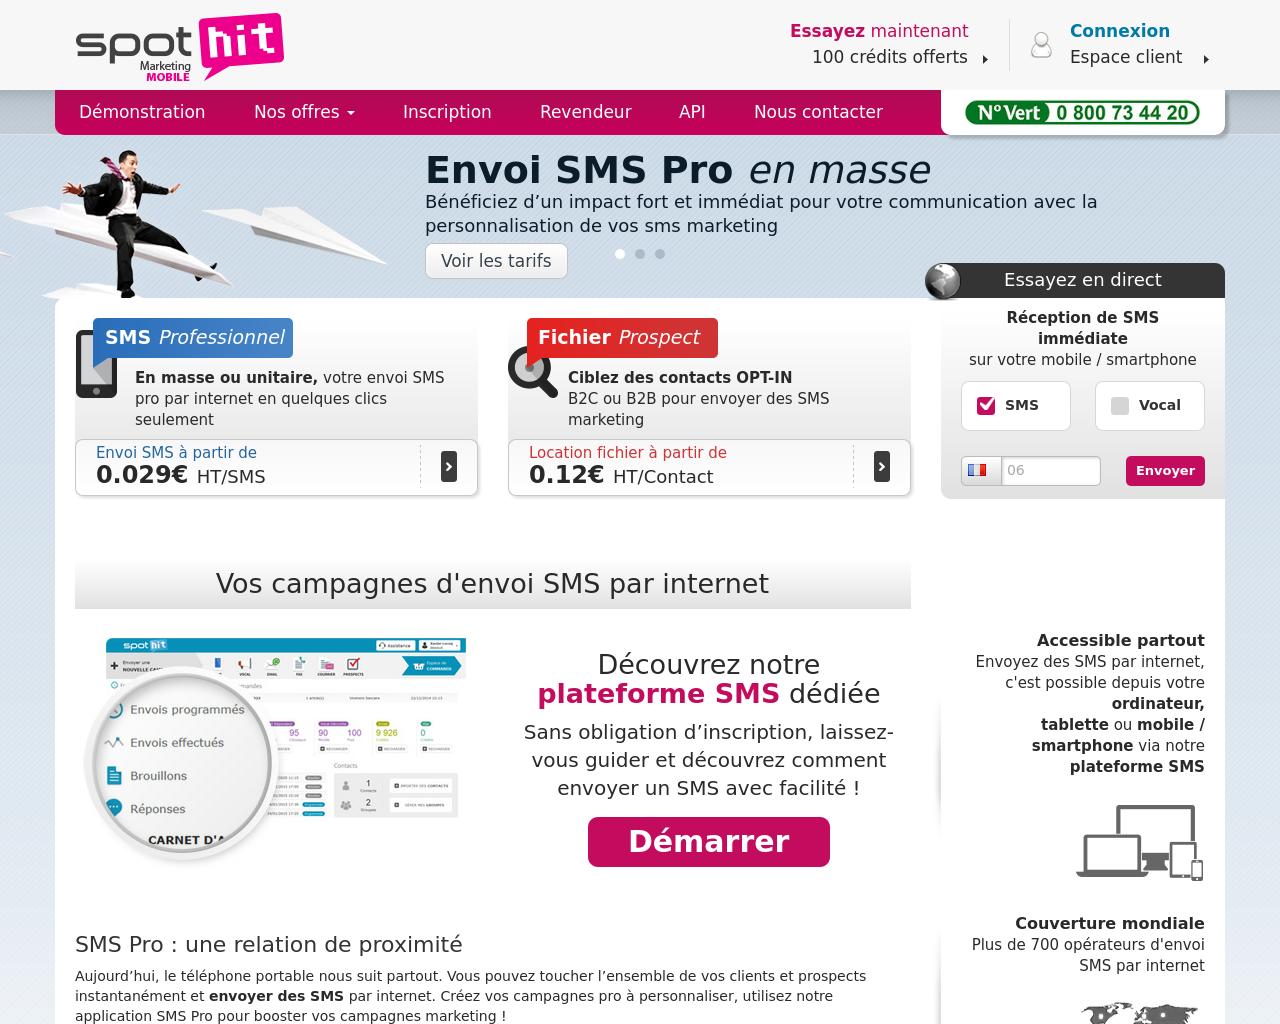 Spot Hit, commandez vos campagnes SMS en ligne